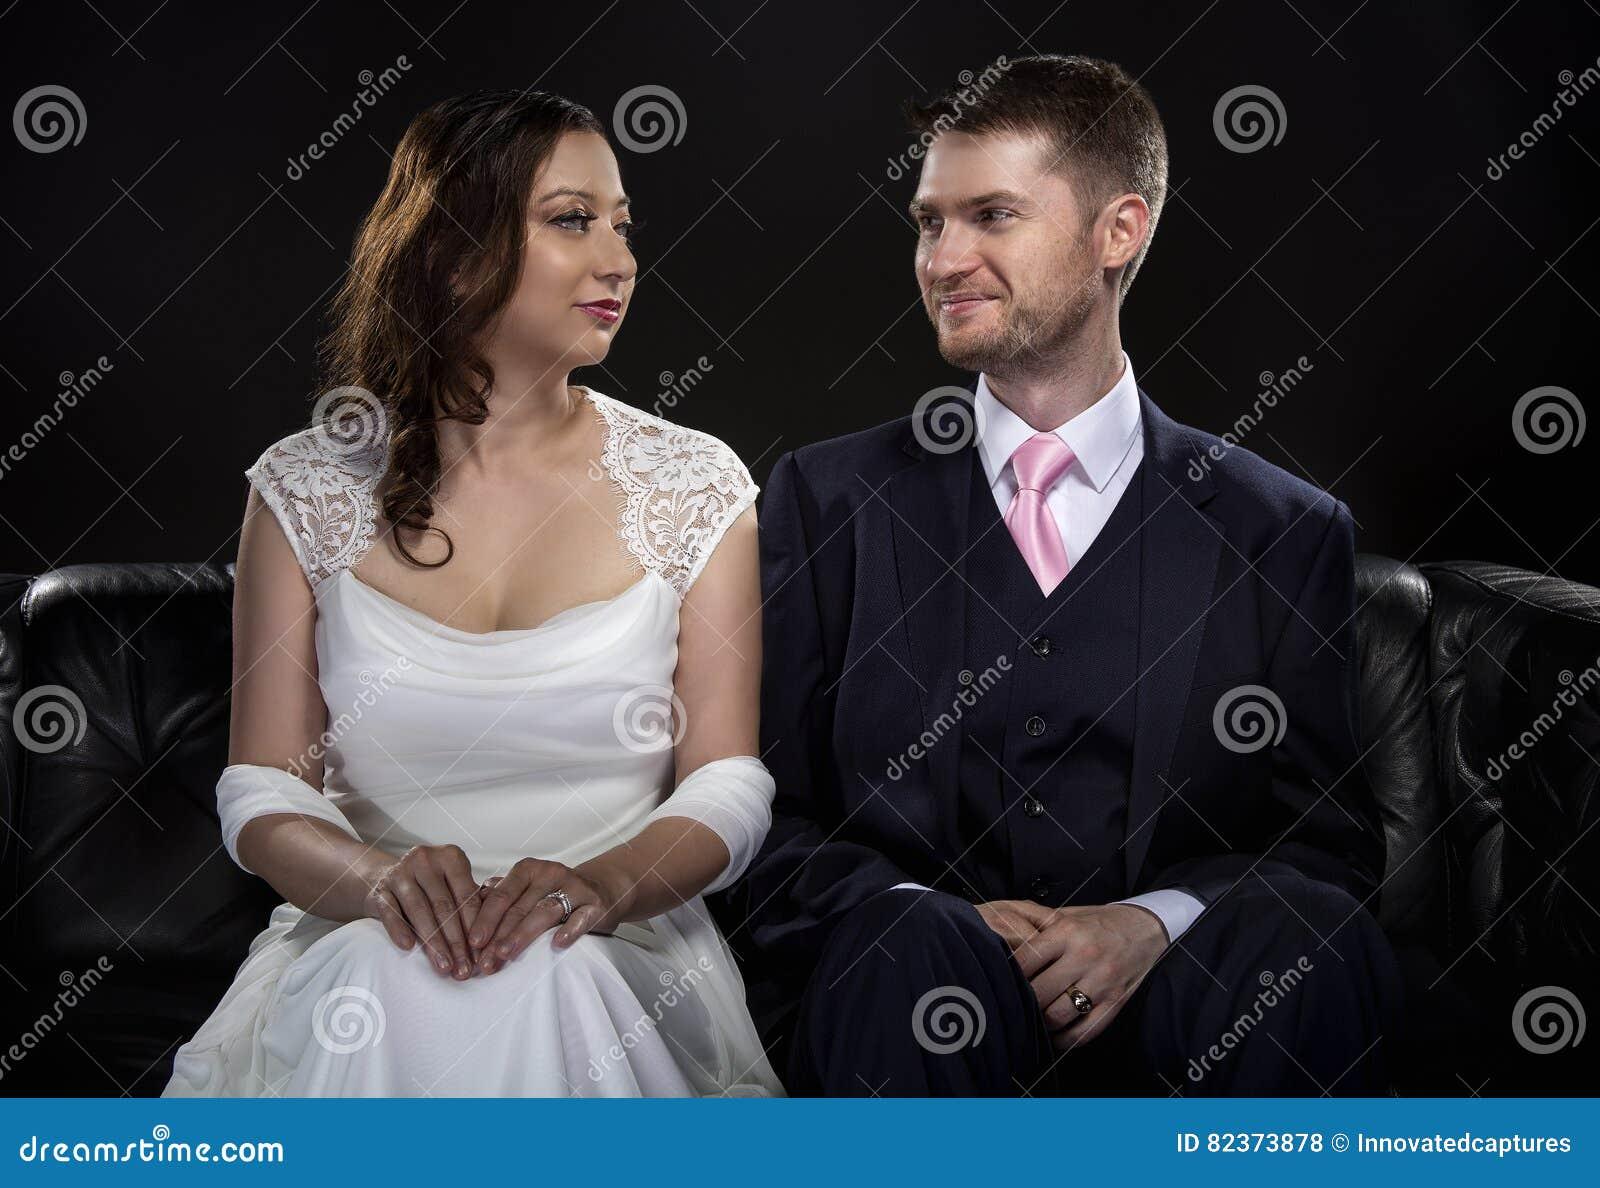 Förlovade par som modellerar Art Deco Style Wedding Suit och klänningen